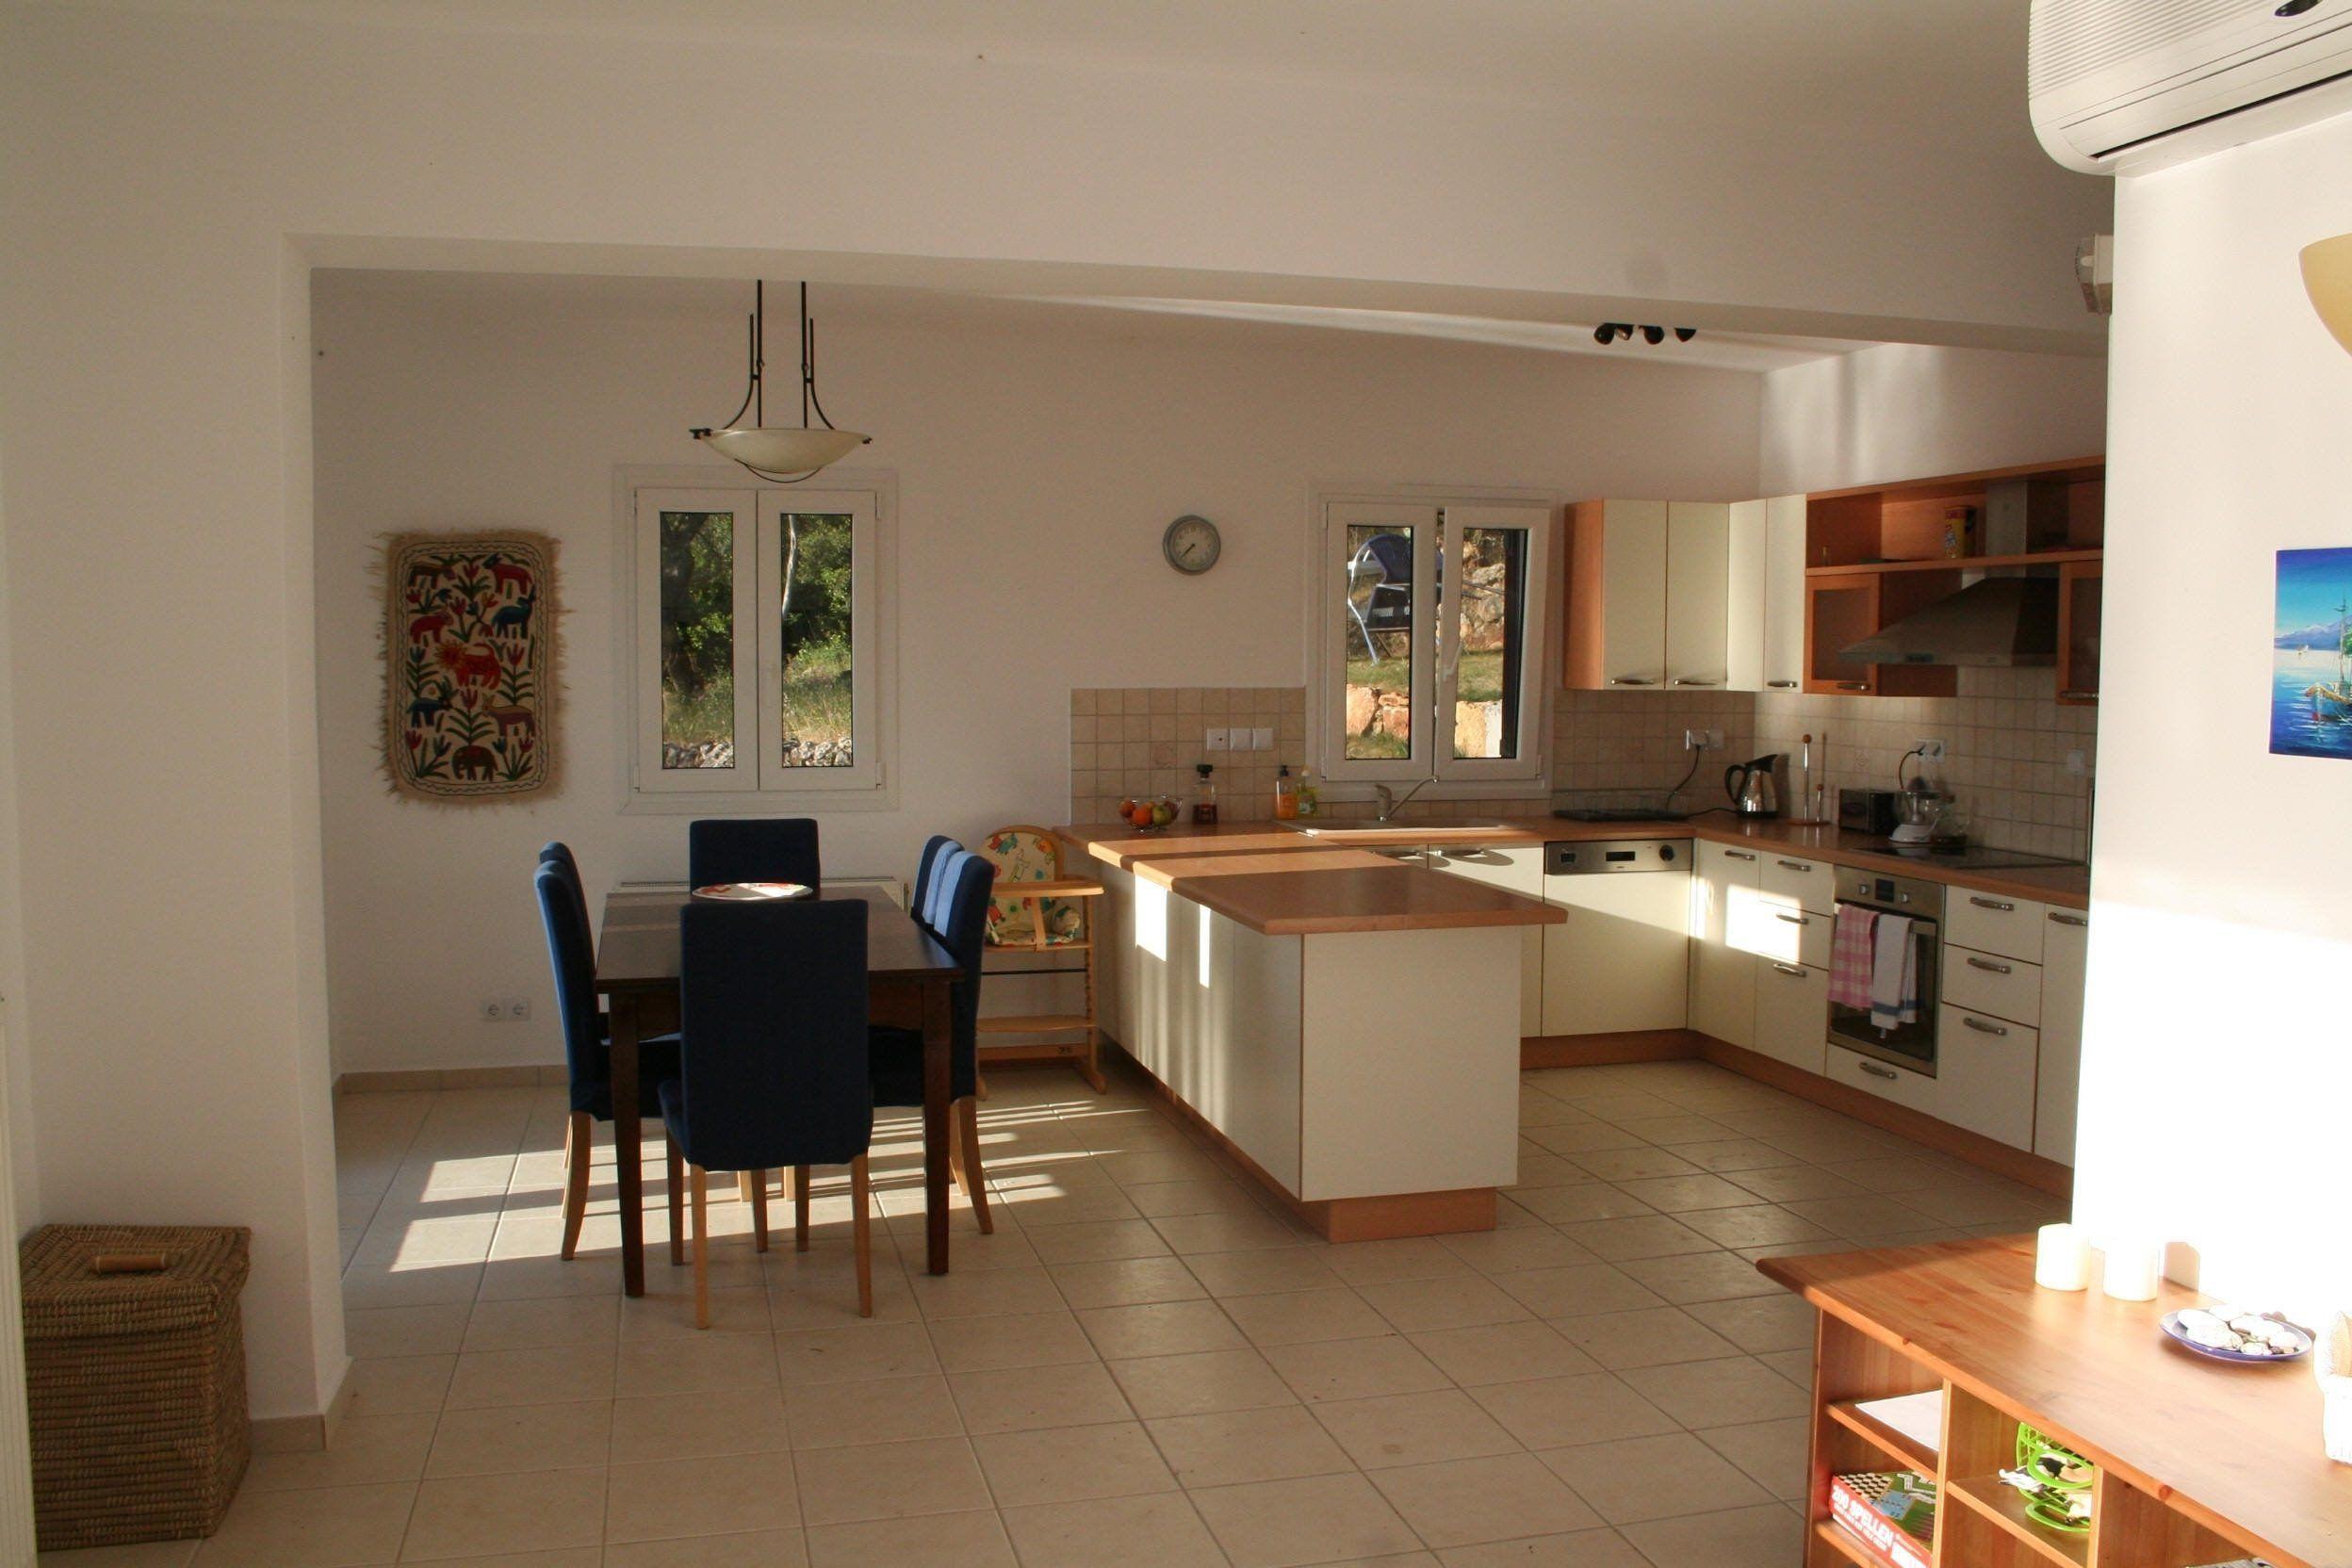 Stunning Open Floor Kitchen Ideas Open Plan Kitchen Living Room Simple Kitchen Design Living Room Kitchen Design